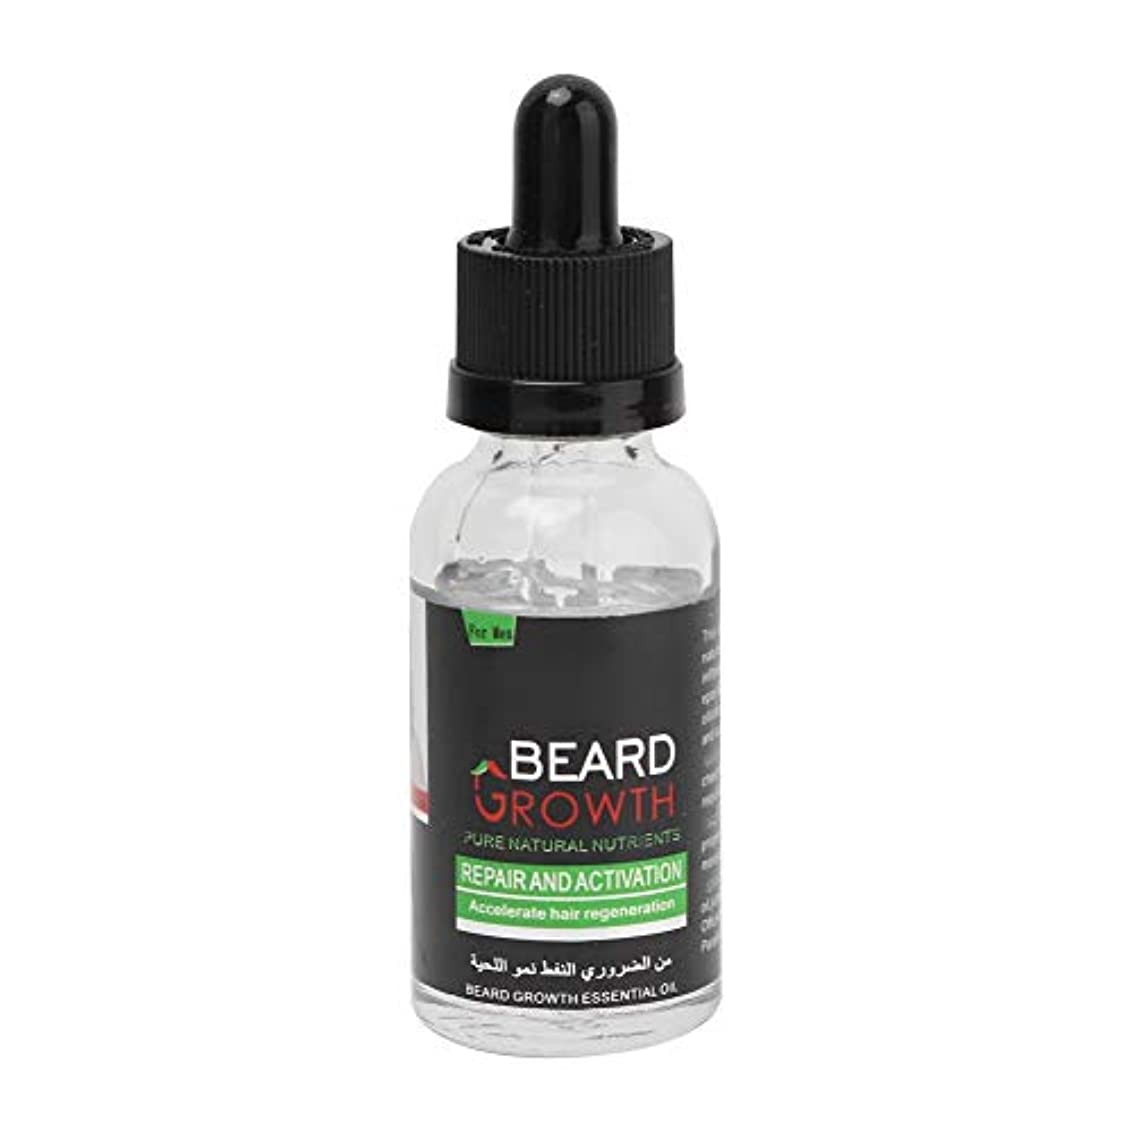 禁止する人口ニコチン40ミリリットルひげケアオイル、男性ひげオイルひげソフト栄養モイスチャライジングバームひげケアオイル